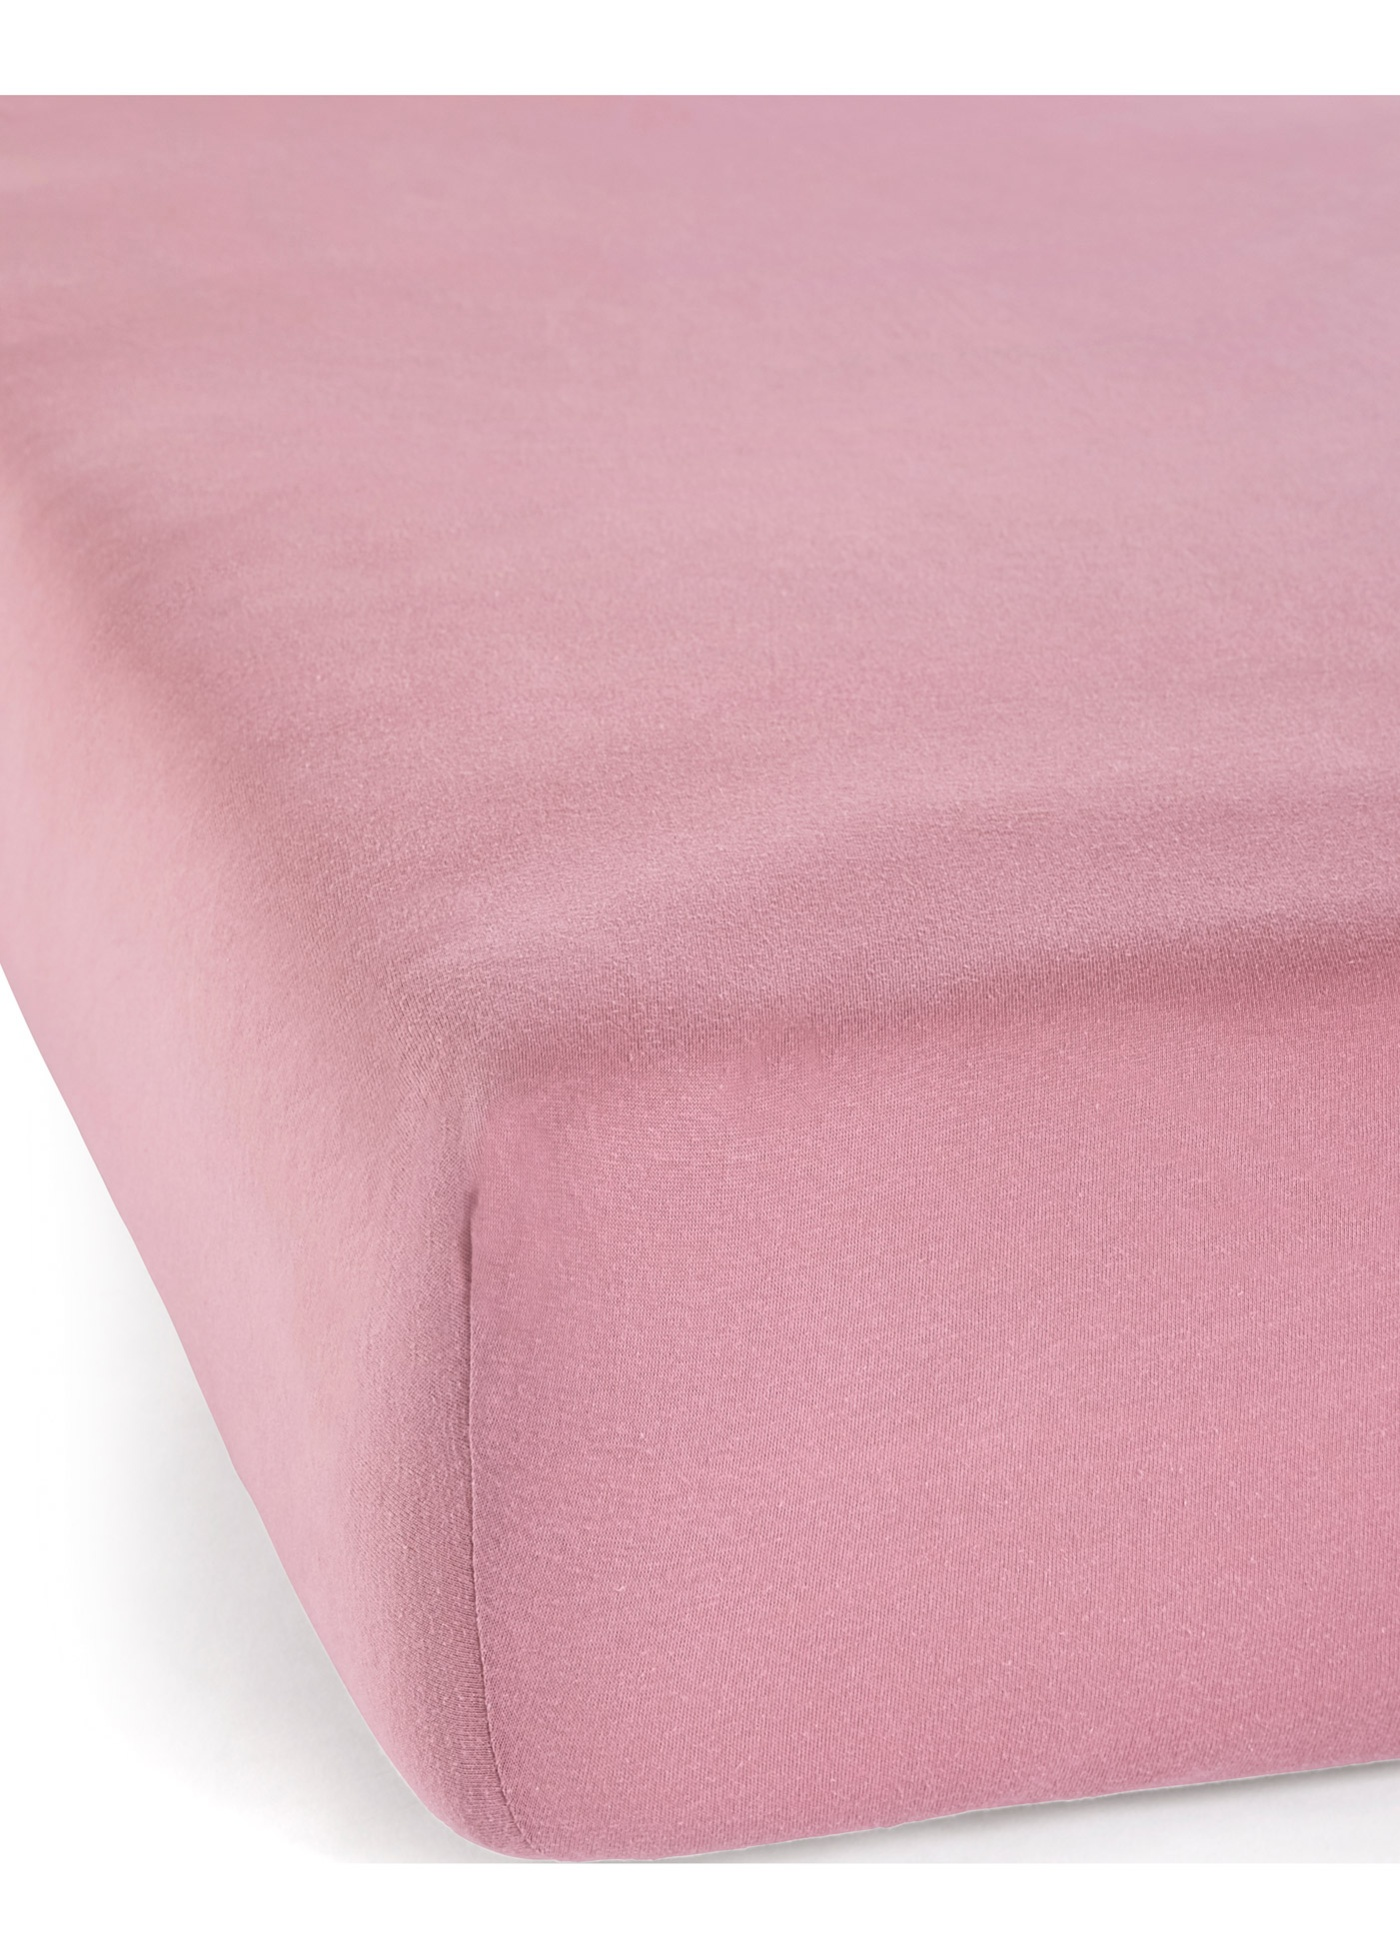 Jersey Spannbettlaken in rosa von bonprix